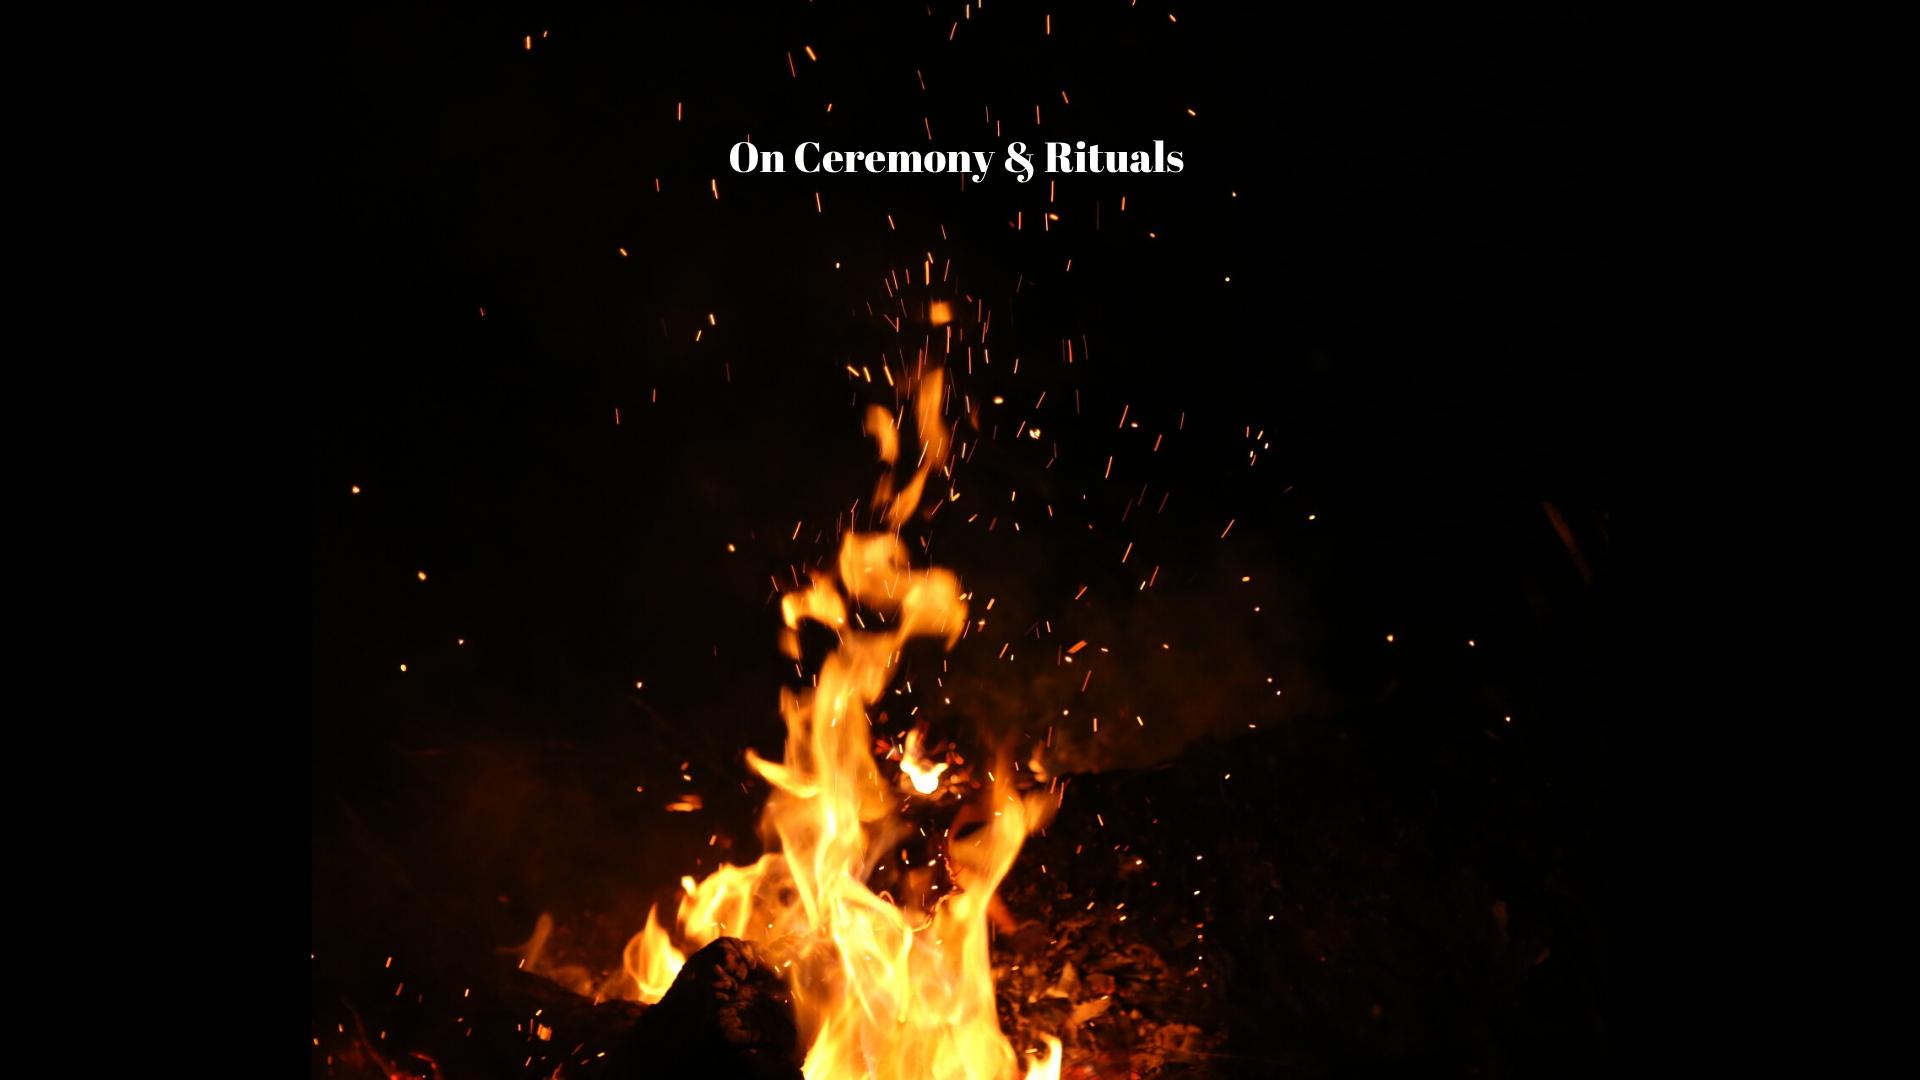 On Ceremony & Rituals